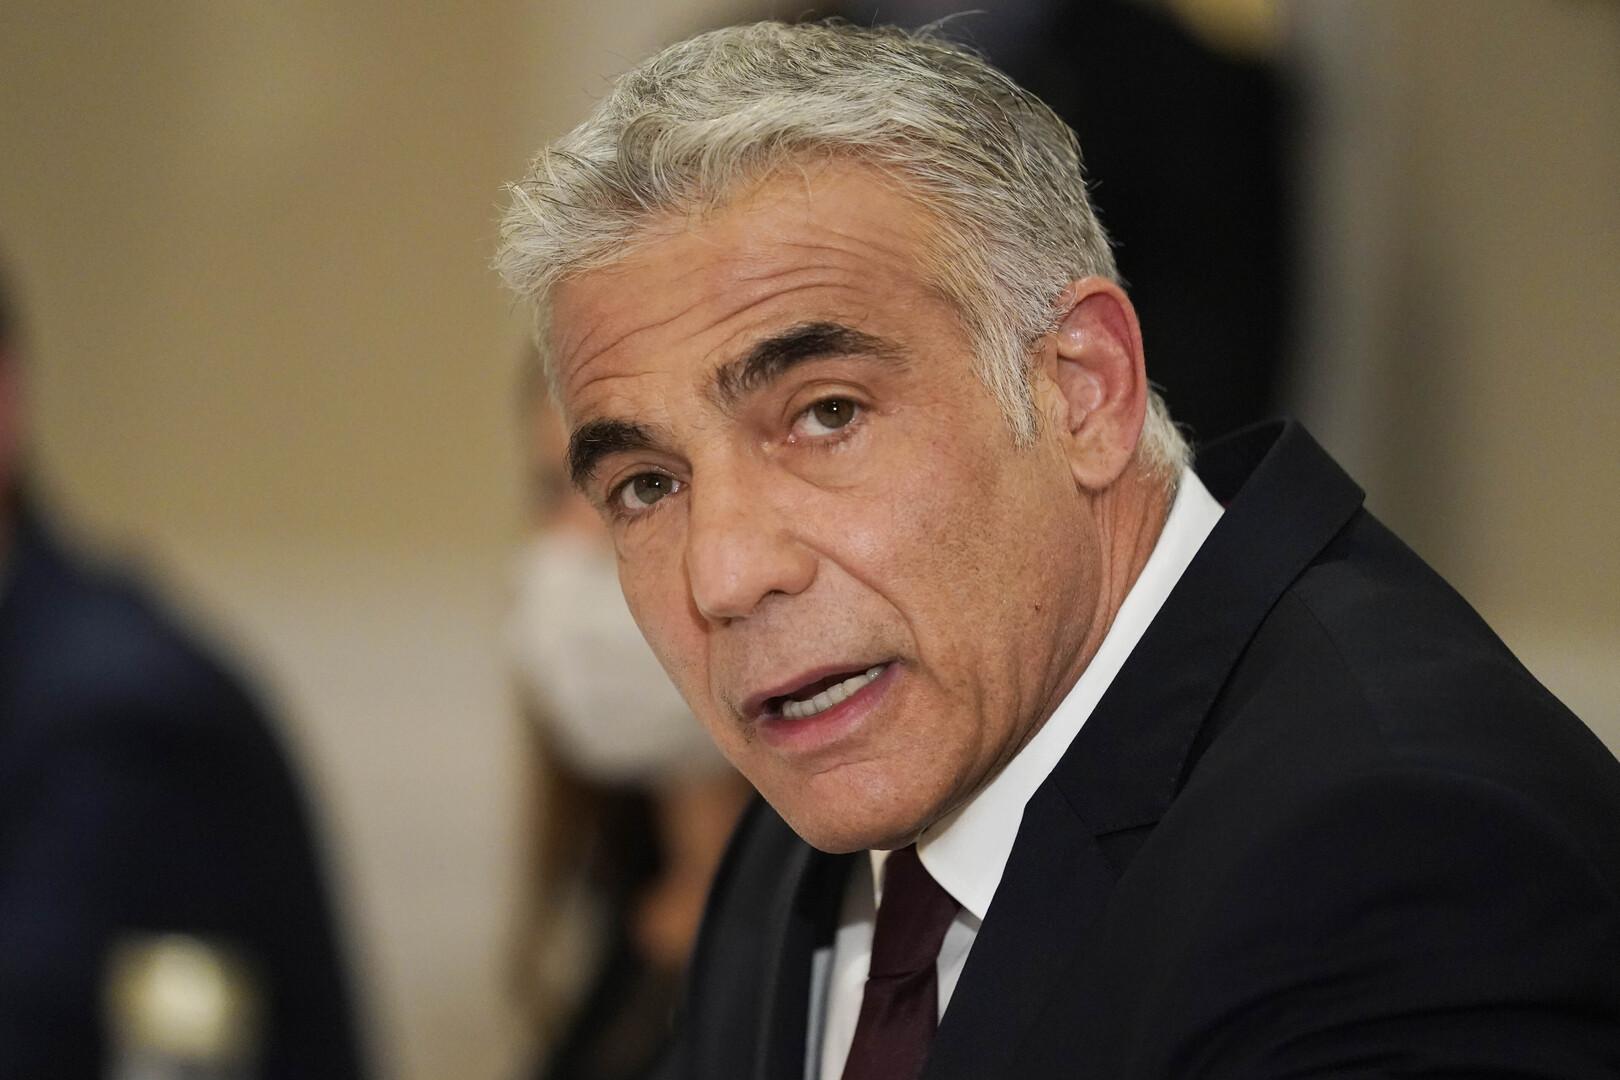 وزير الخارجية الإسرائيلي، يائير لابيد.